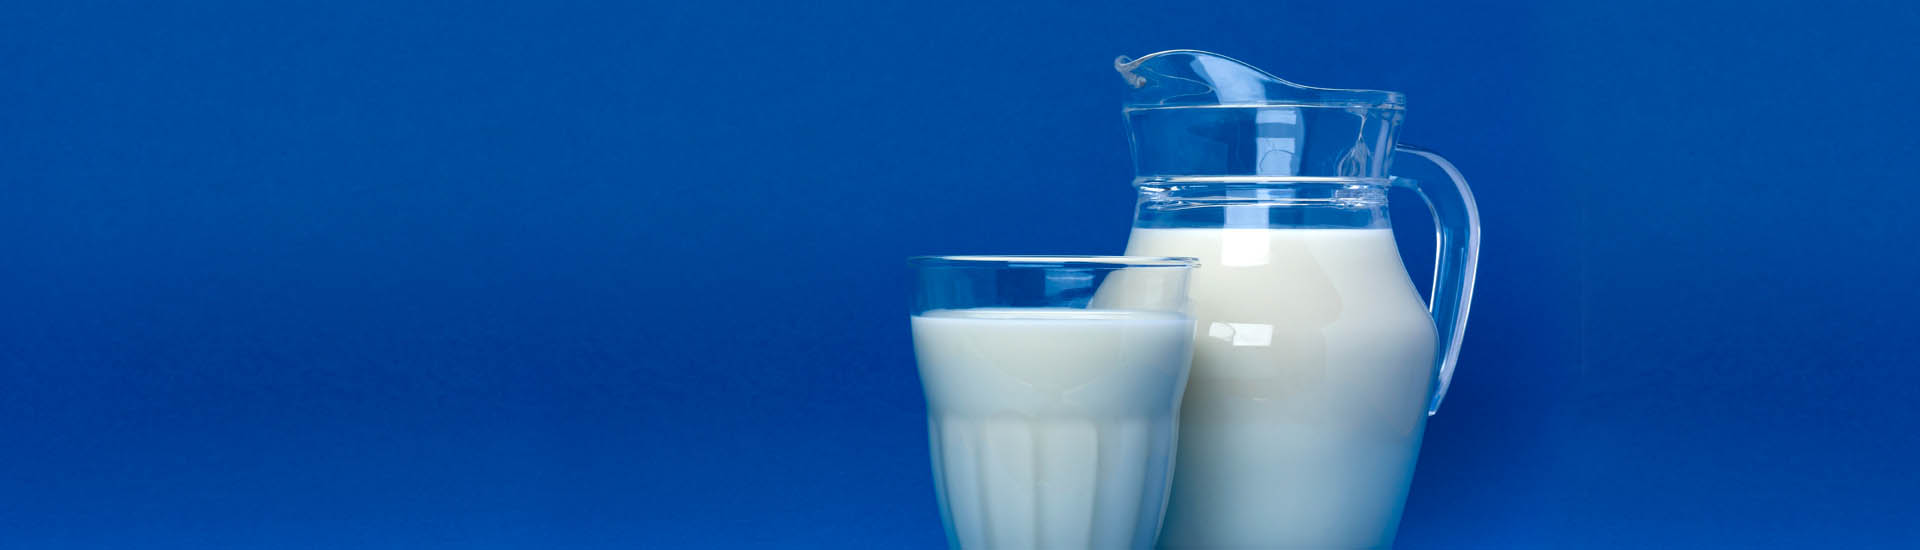 Vaso y jarron con leche